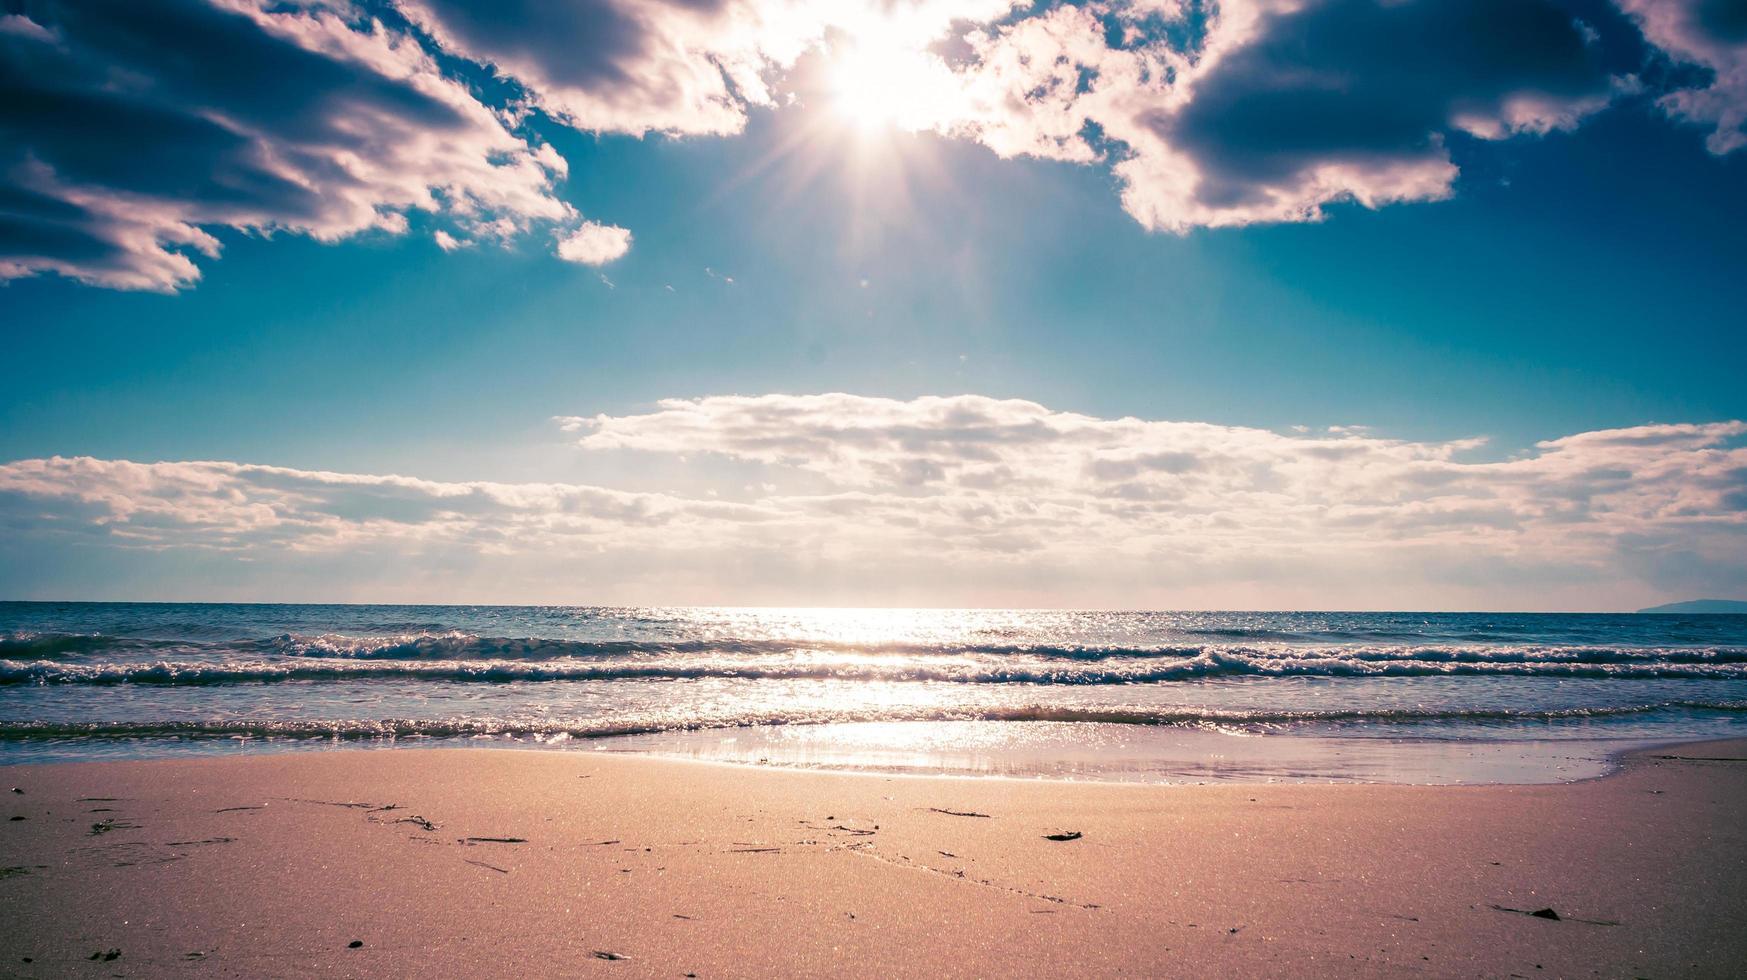 la spiaggia sabbiosa del mare del giappone foto